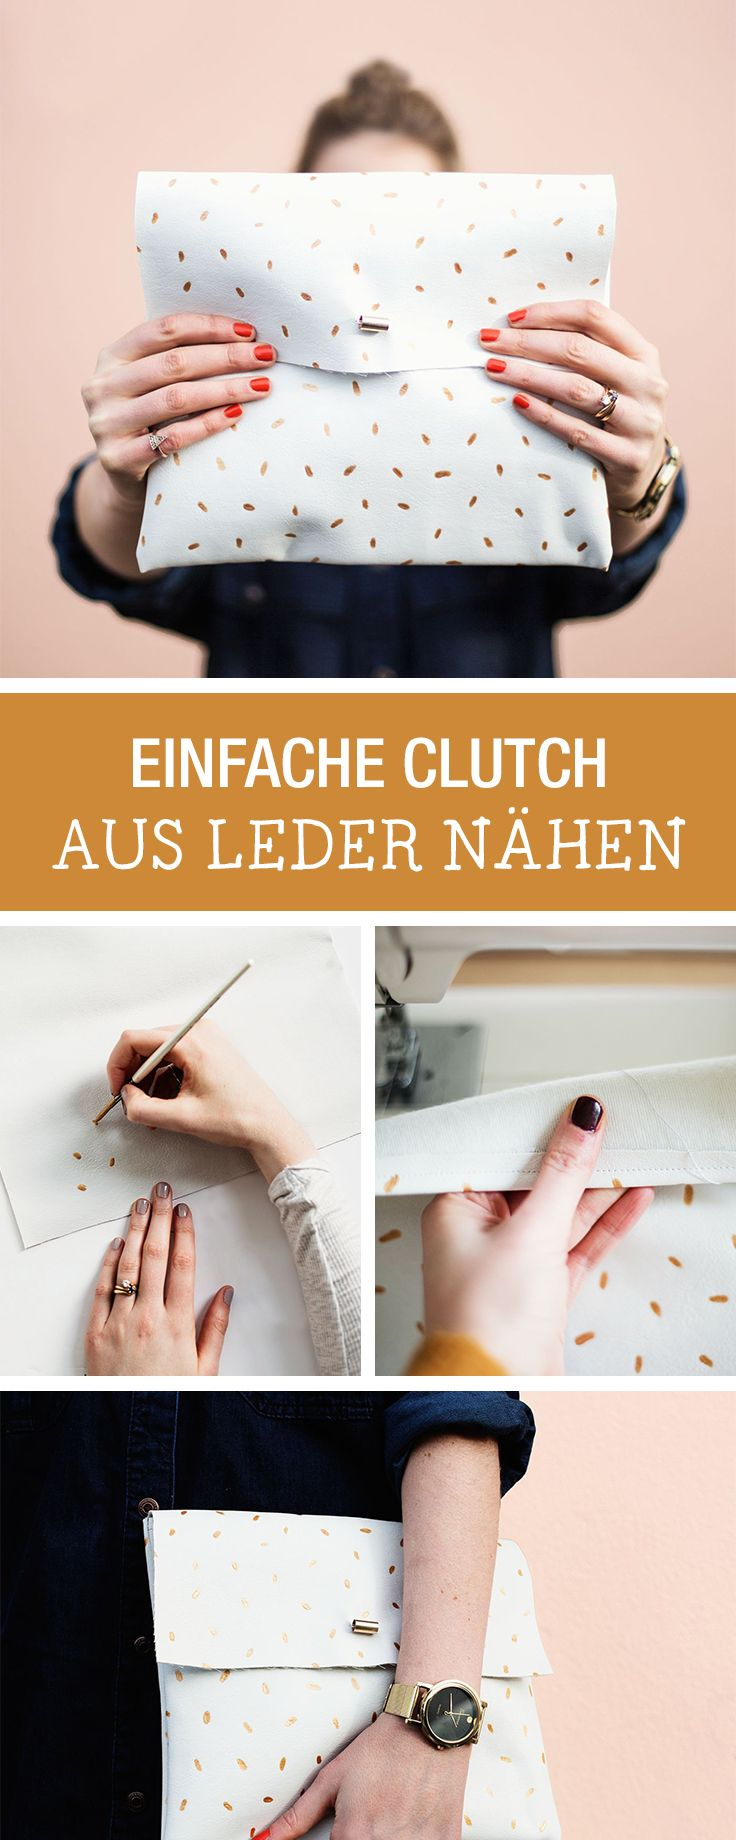 Kostenlose Nähanleitung für eine Clutch aus Leder, einfache Nähanleitung / easy sewing tutorial for a leather clutch via DaWanda.com